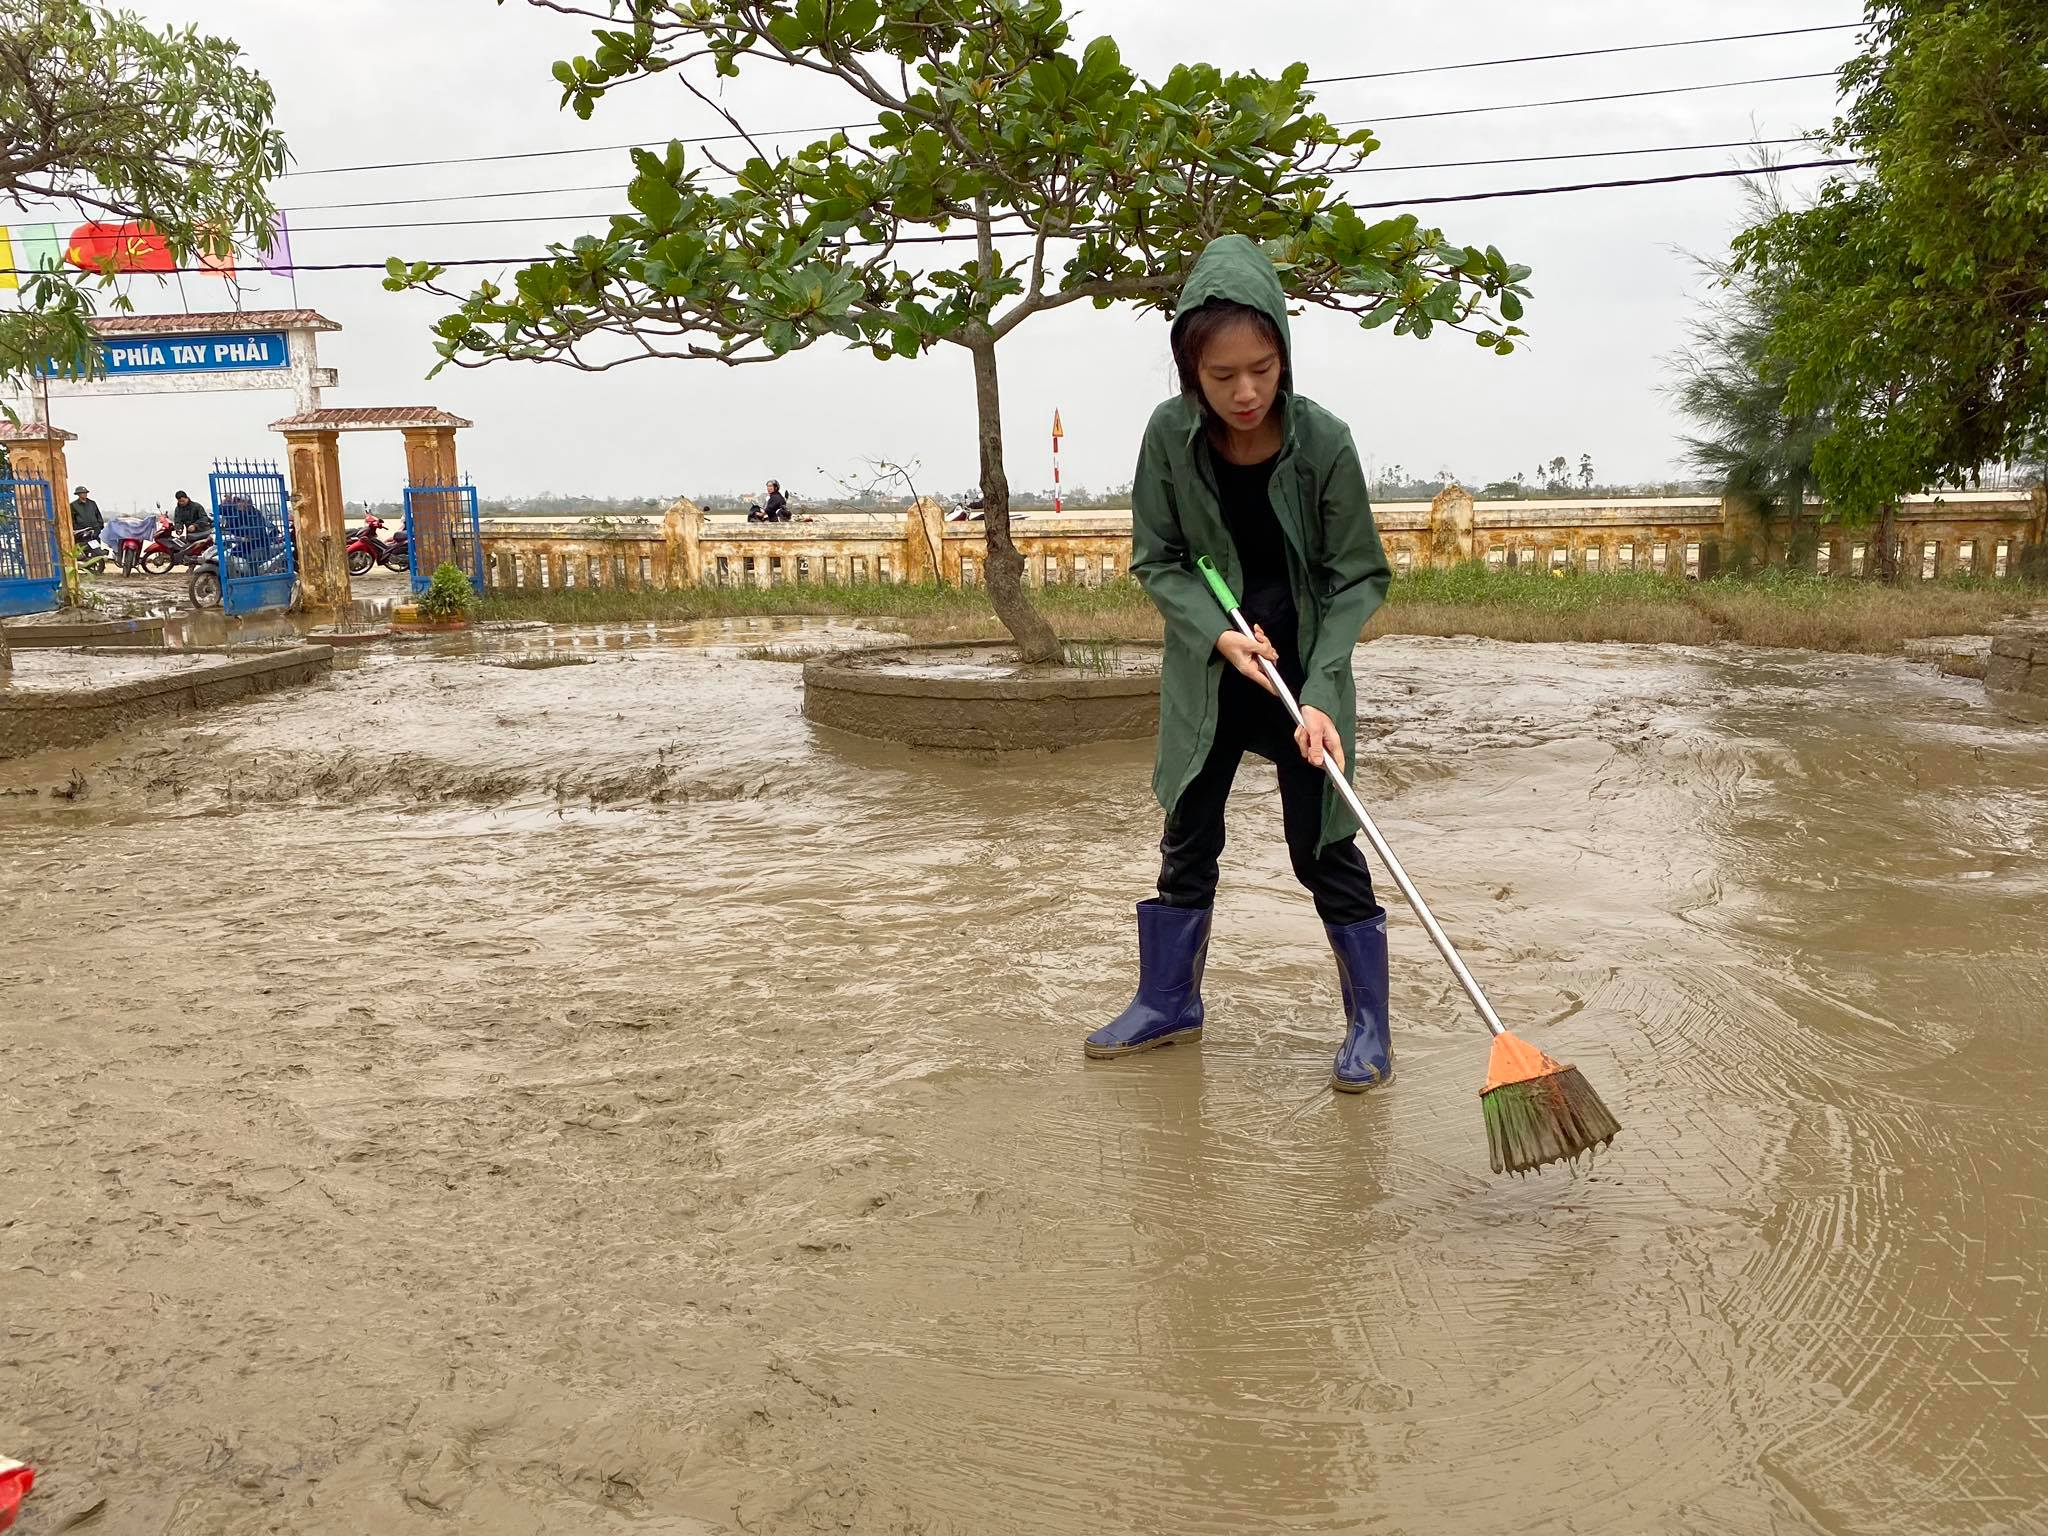 Vợ chồng Lý Hải - Minh Hà tất bật dọn rửa bùn non sau lũ ở miền Trung - Ảnh 2.